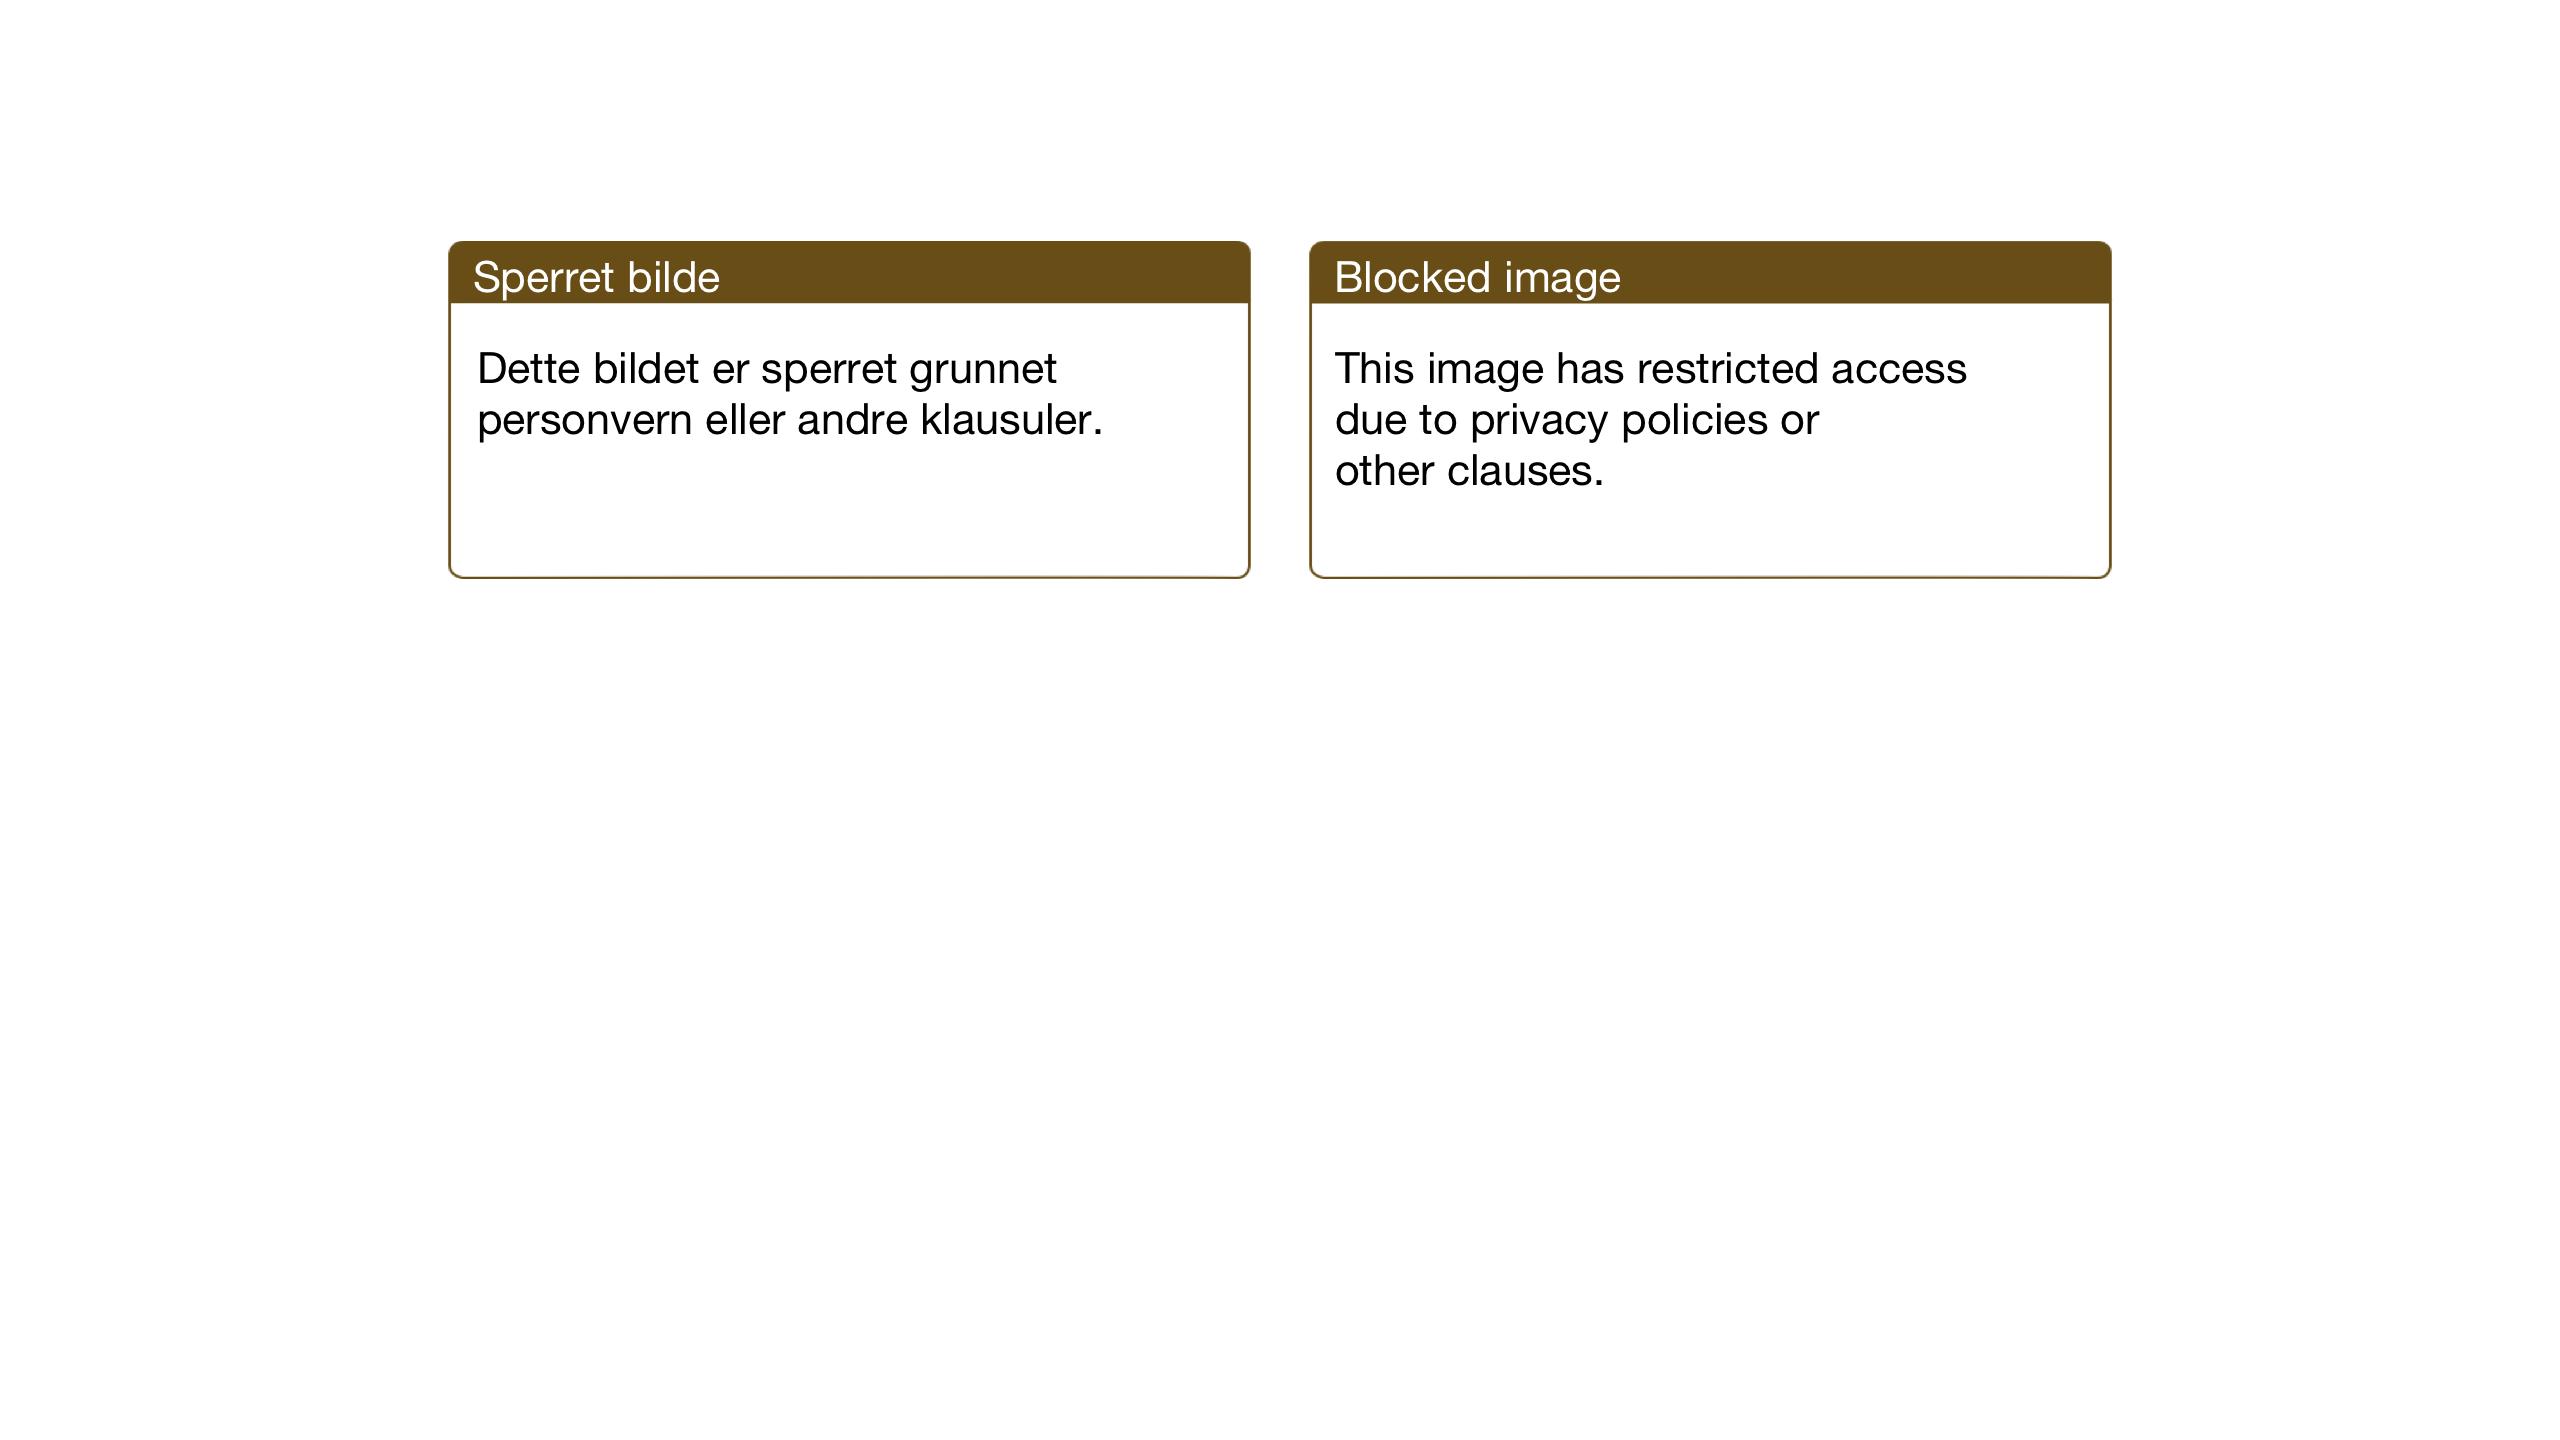 SAT, Ministerialprotokoller, klokkerbøker og fødselsregistre - Sør-Trøndelag, 606/L0315: Klokkerbok nr. 606C11, 1938-1947, s. 26